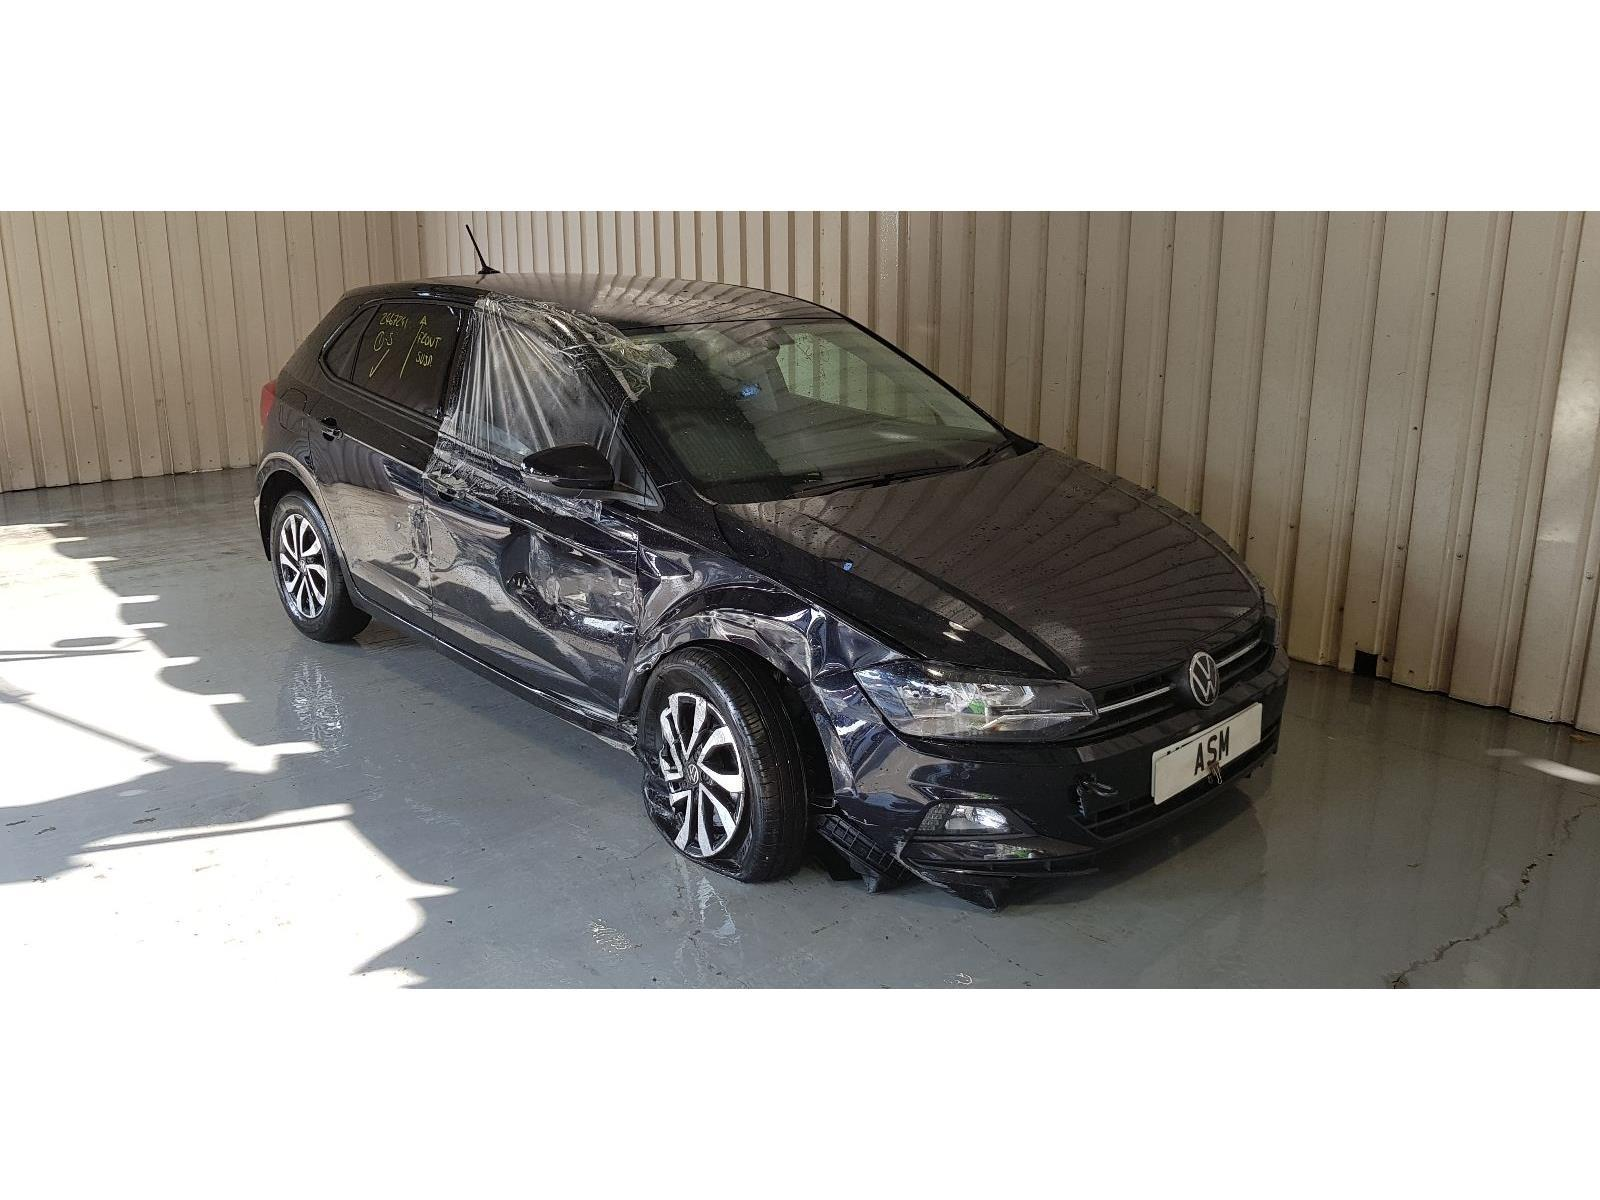 2021 Volkswagen Polo ACTIVE TSI DSG 999cc Turbo Petrol DSG 7 Speed 5 Door Hatchback